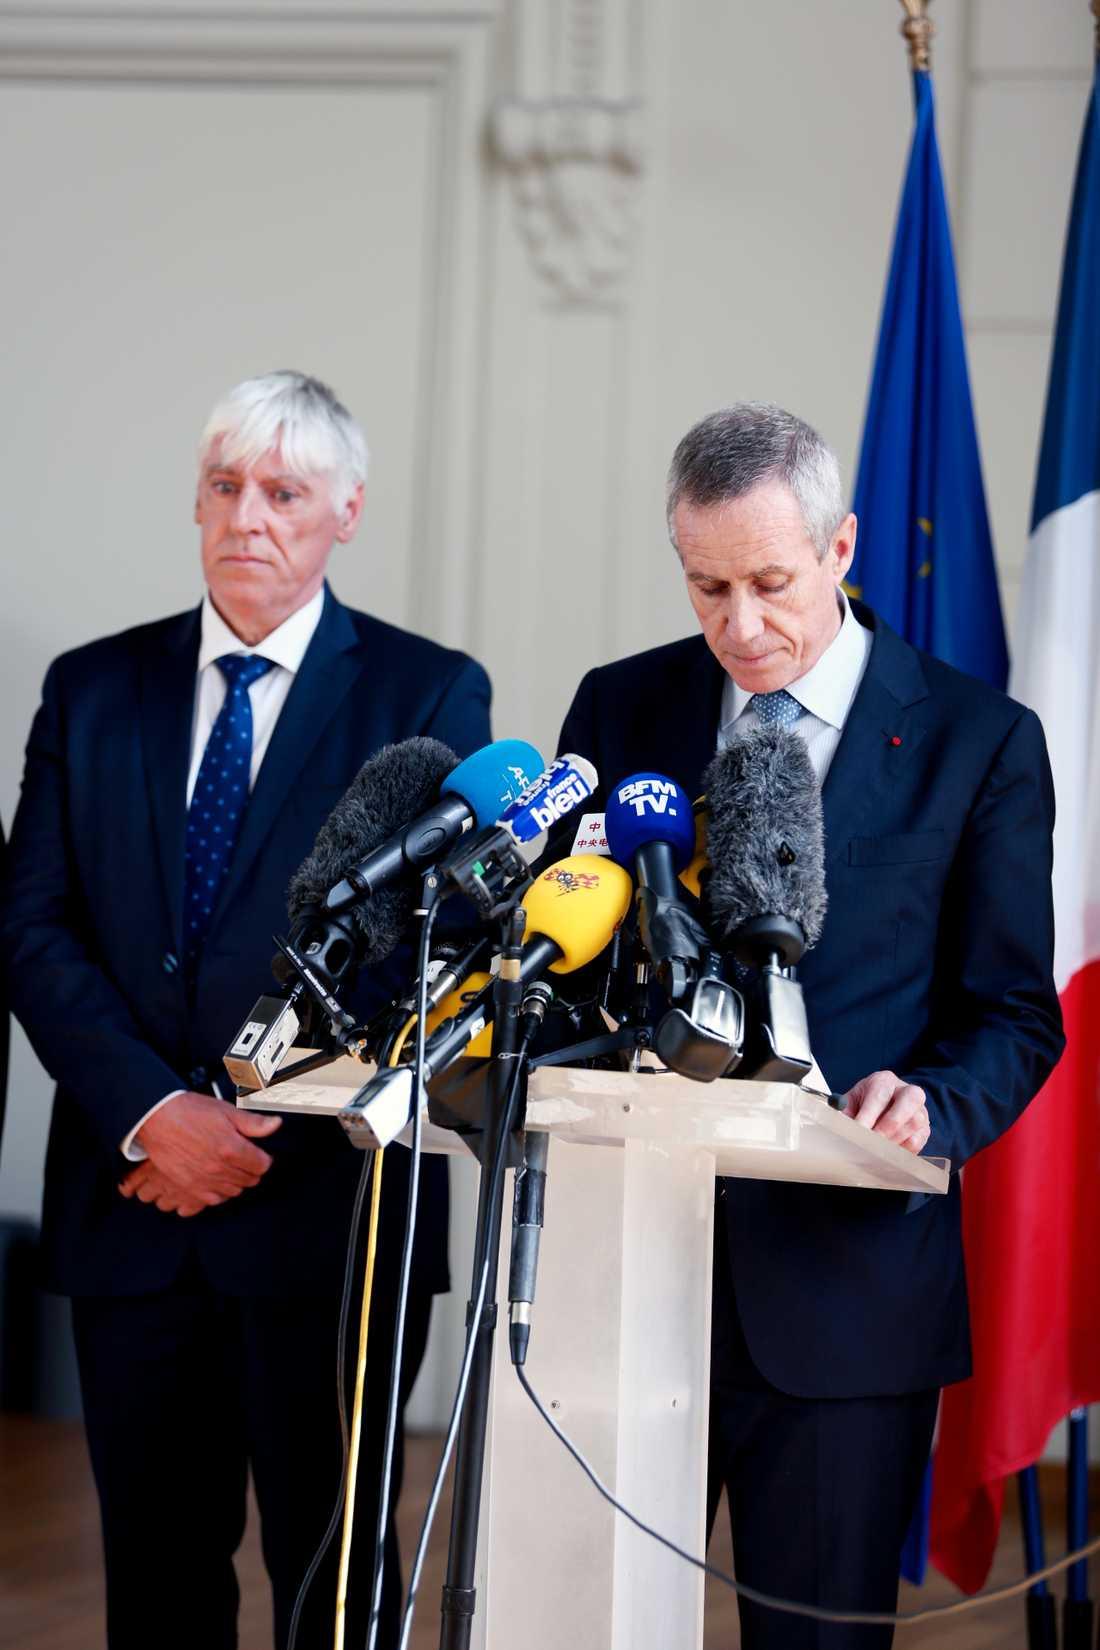 Åklagaren François Molins håller presskonferens strax efter 17.00 på fredagen. Han berättar att 84 människor döt i attacken, varav 10 barn, samt att över 200 personer är skadade.